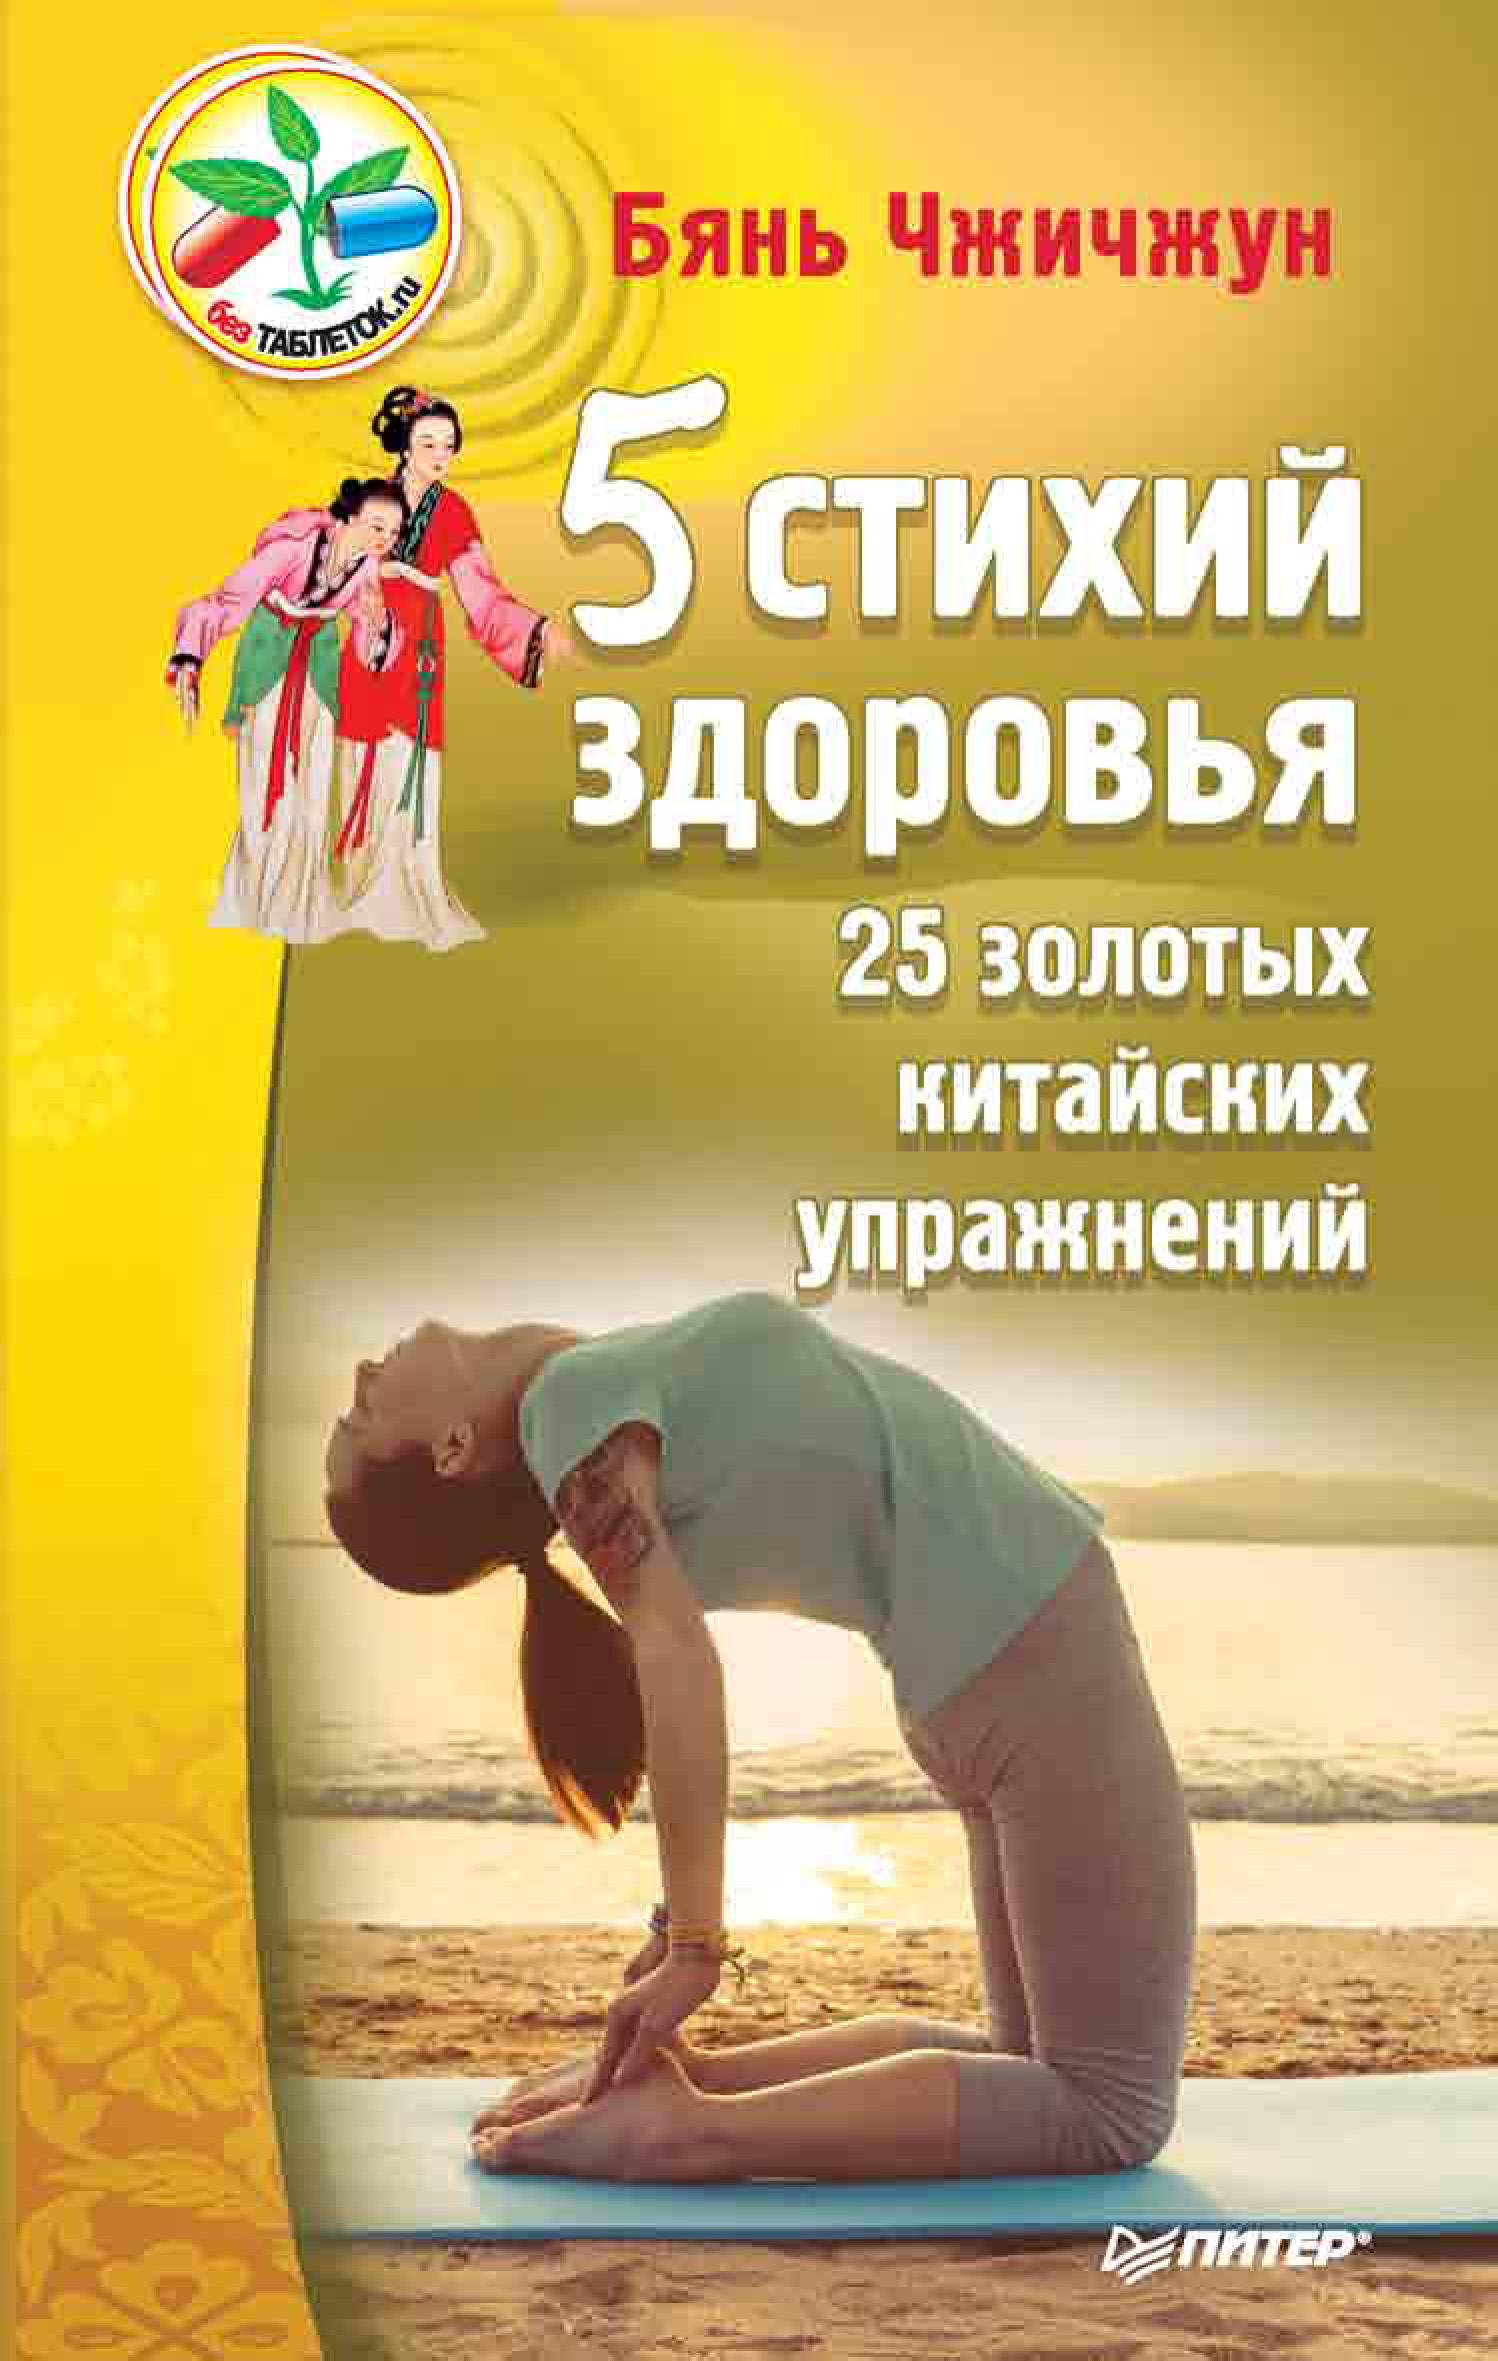 Бянь Чжичжун 5 стихий здоровья. 25 золотых китайских упражнений симонсон барбара пять тибетских упражнений с детьми укрепляем здоровье весело и с удовольствием